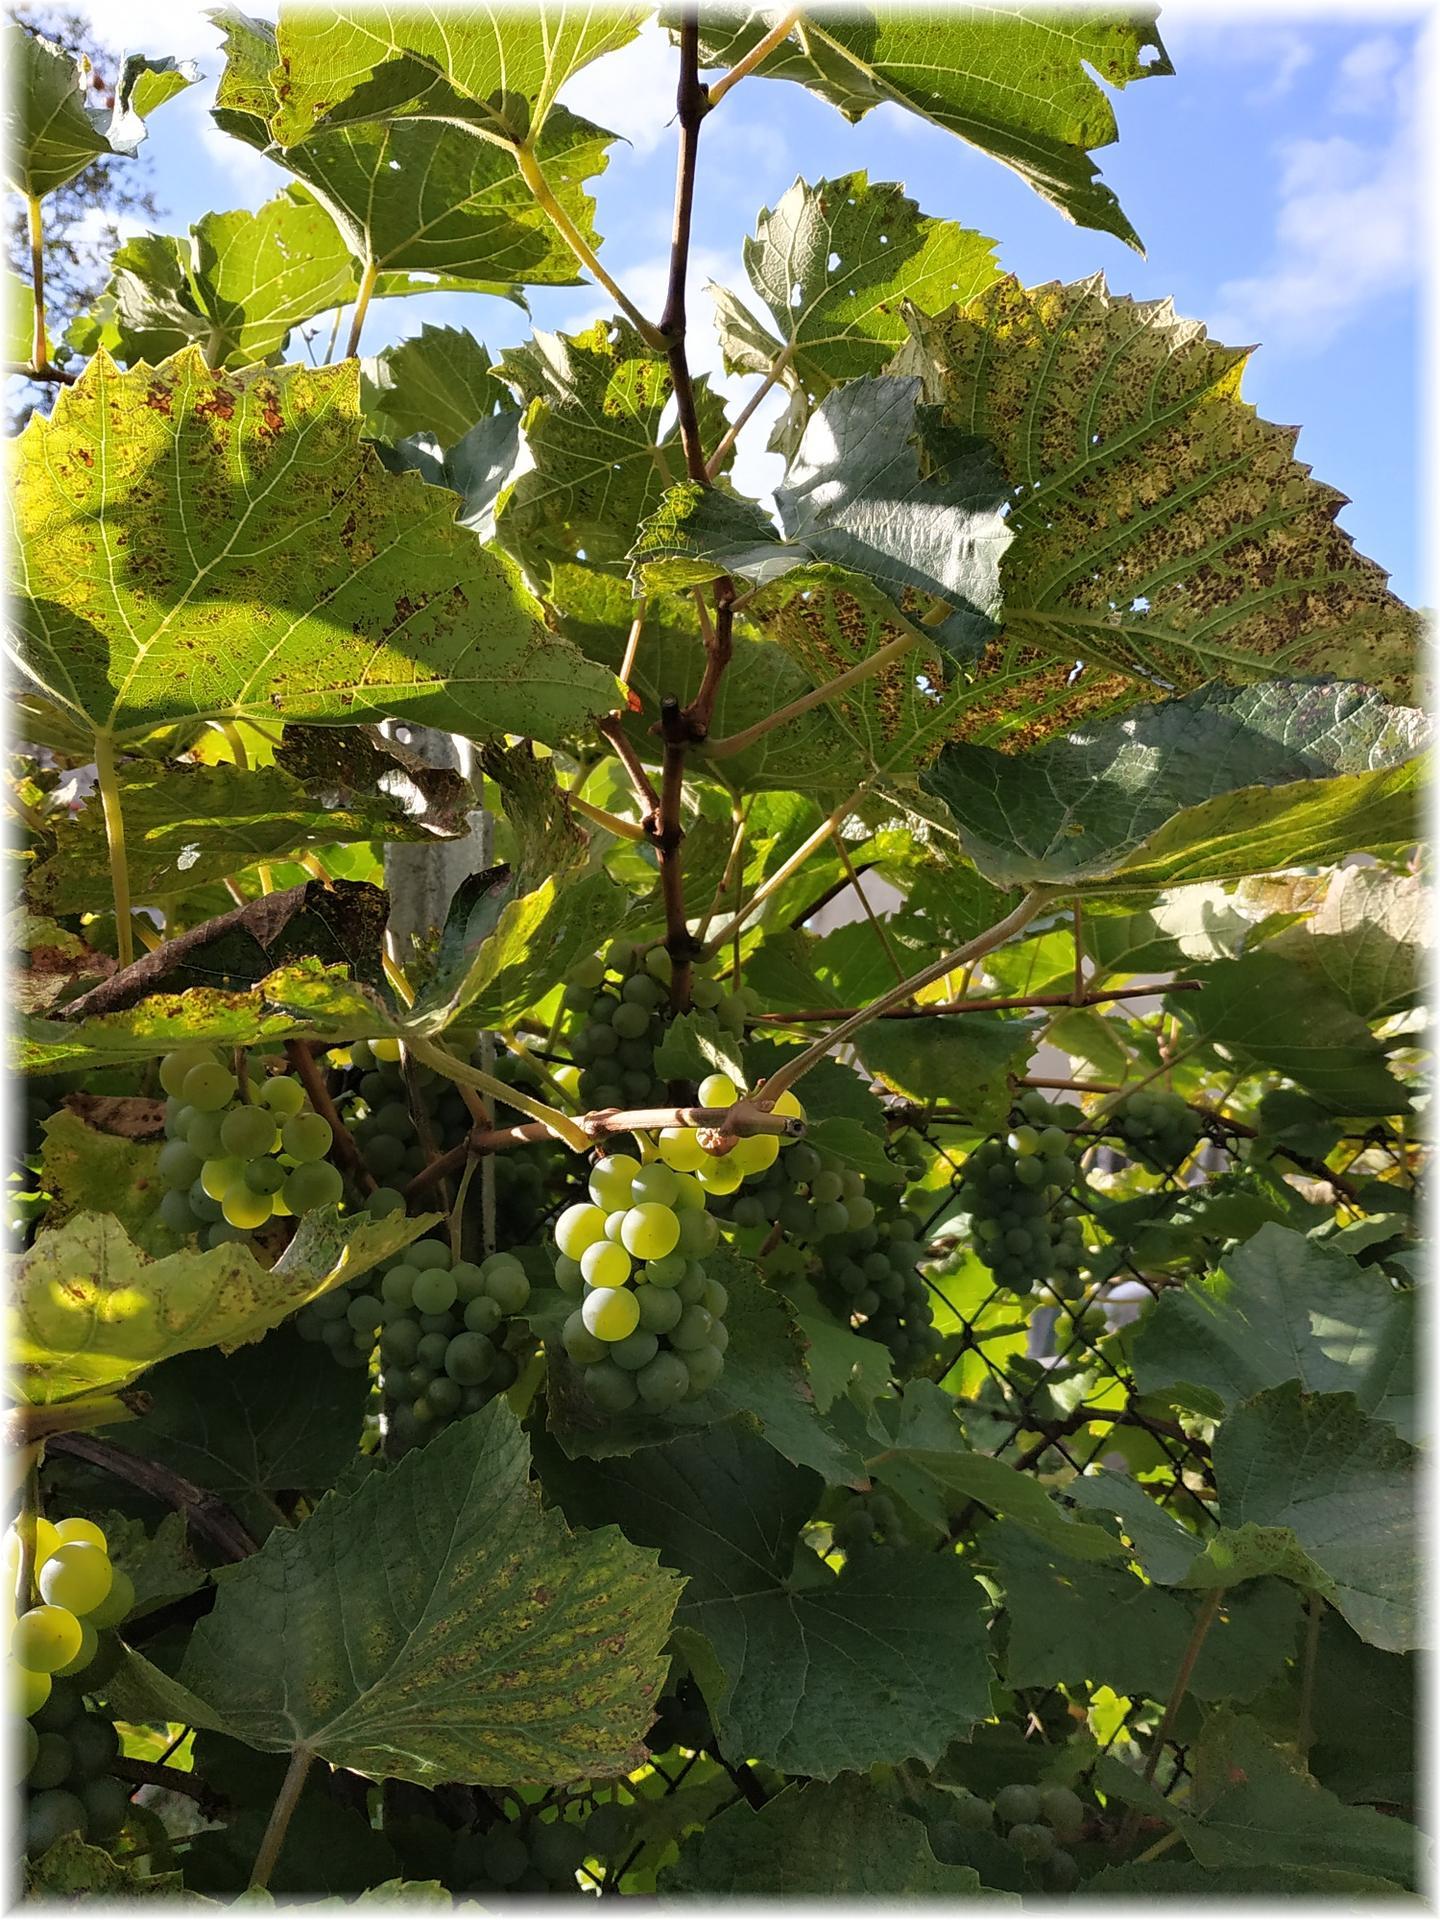 Dnes odpoledne bylo krásně, tak jsme ho strávili na zahradě. Část úrody od střechou, ale kam dáme zbytek netuším... Jablečná buchta na stole, jablečný mls a mošt v lednici, jablečná sezóna je tu :) A trvalky mi dělají pořád větší radost... - Obrázek č. 3